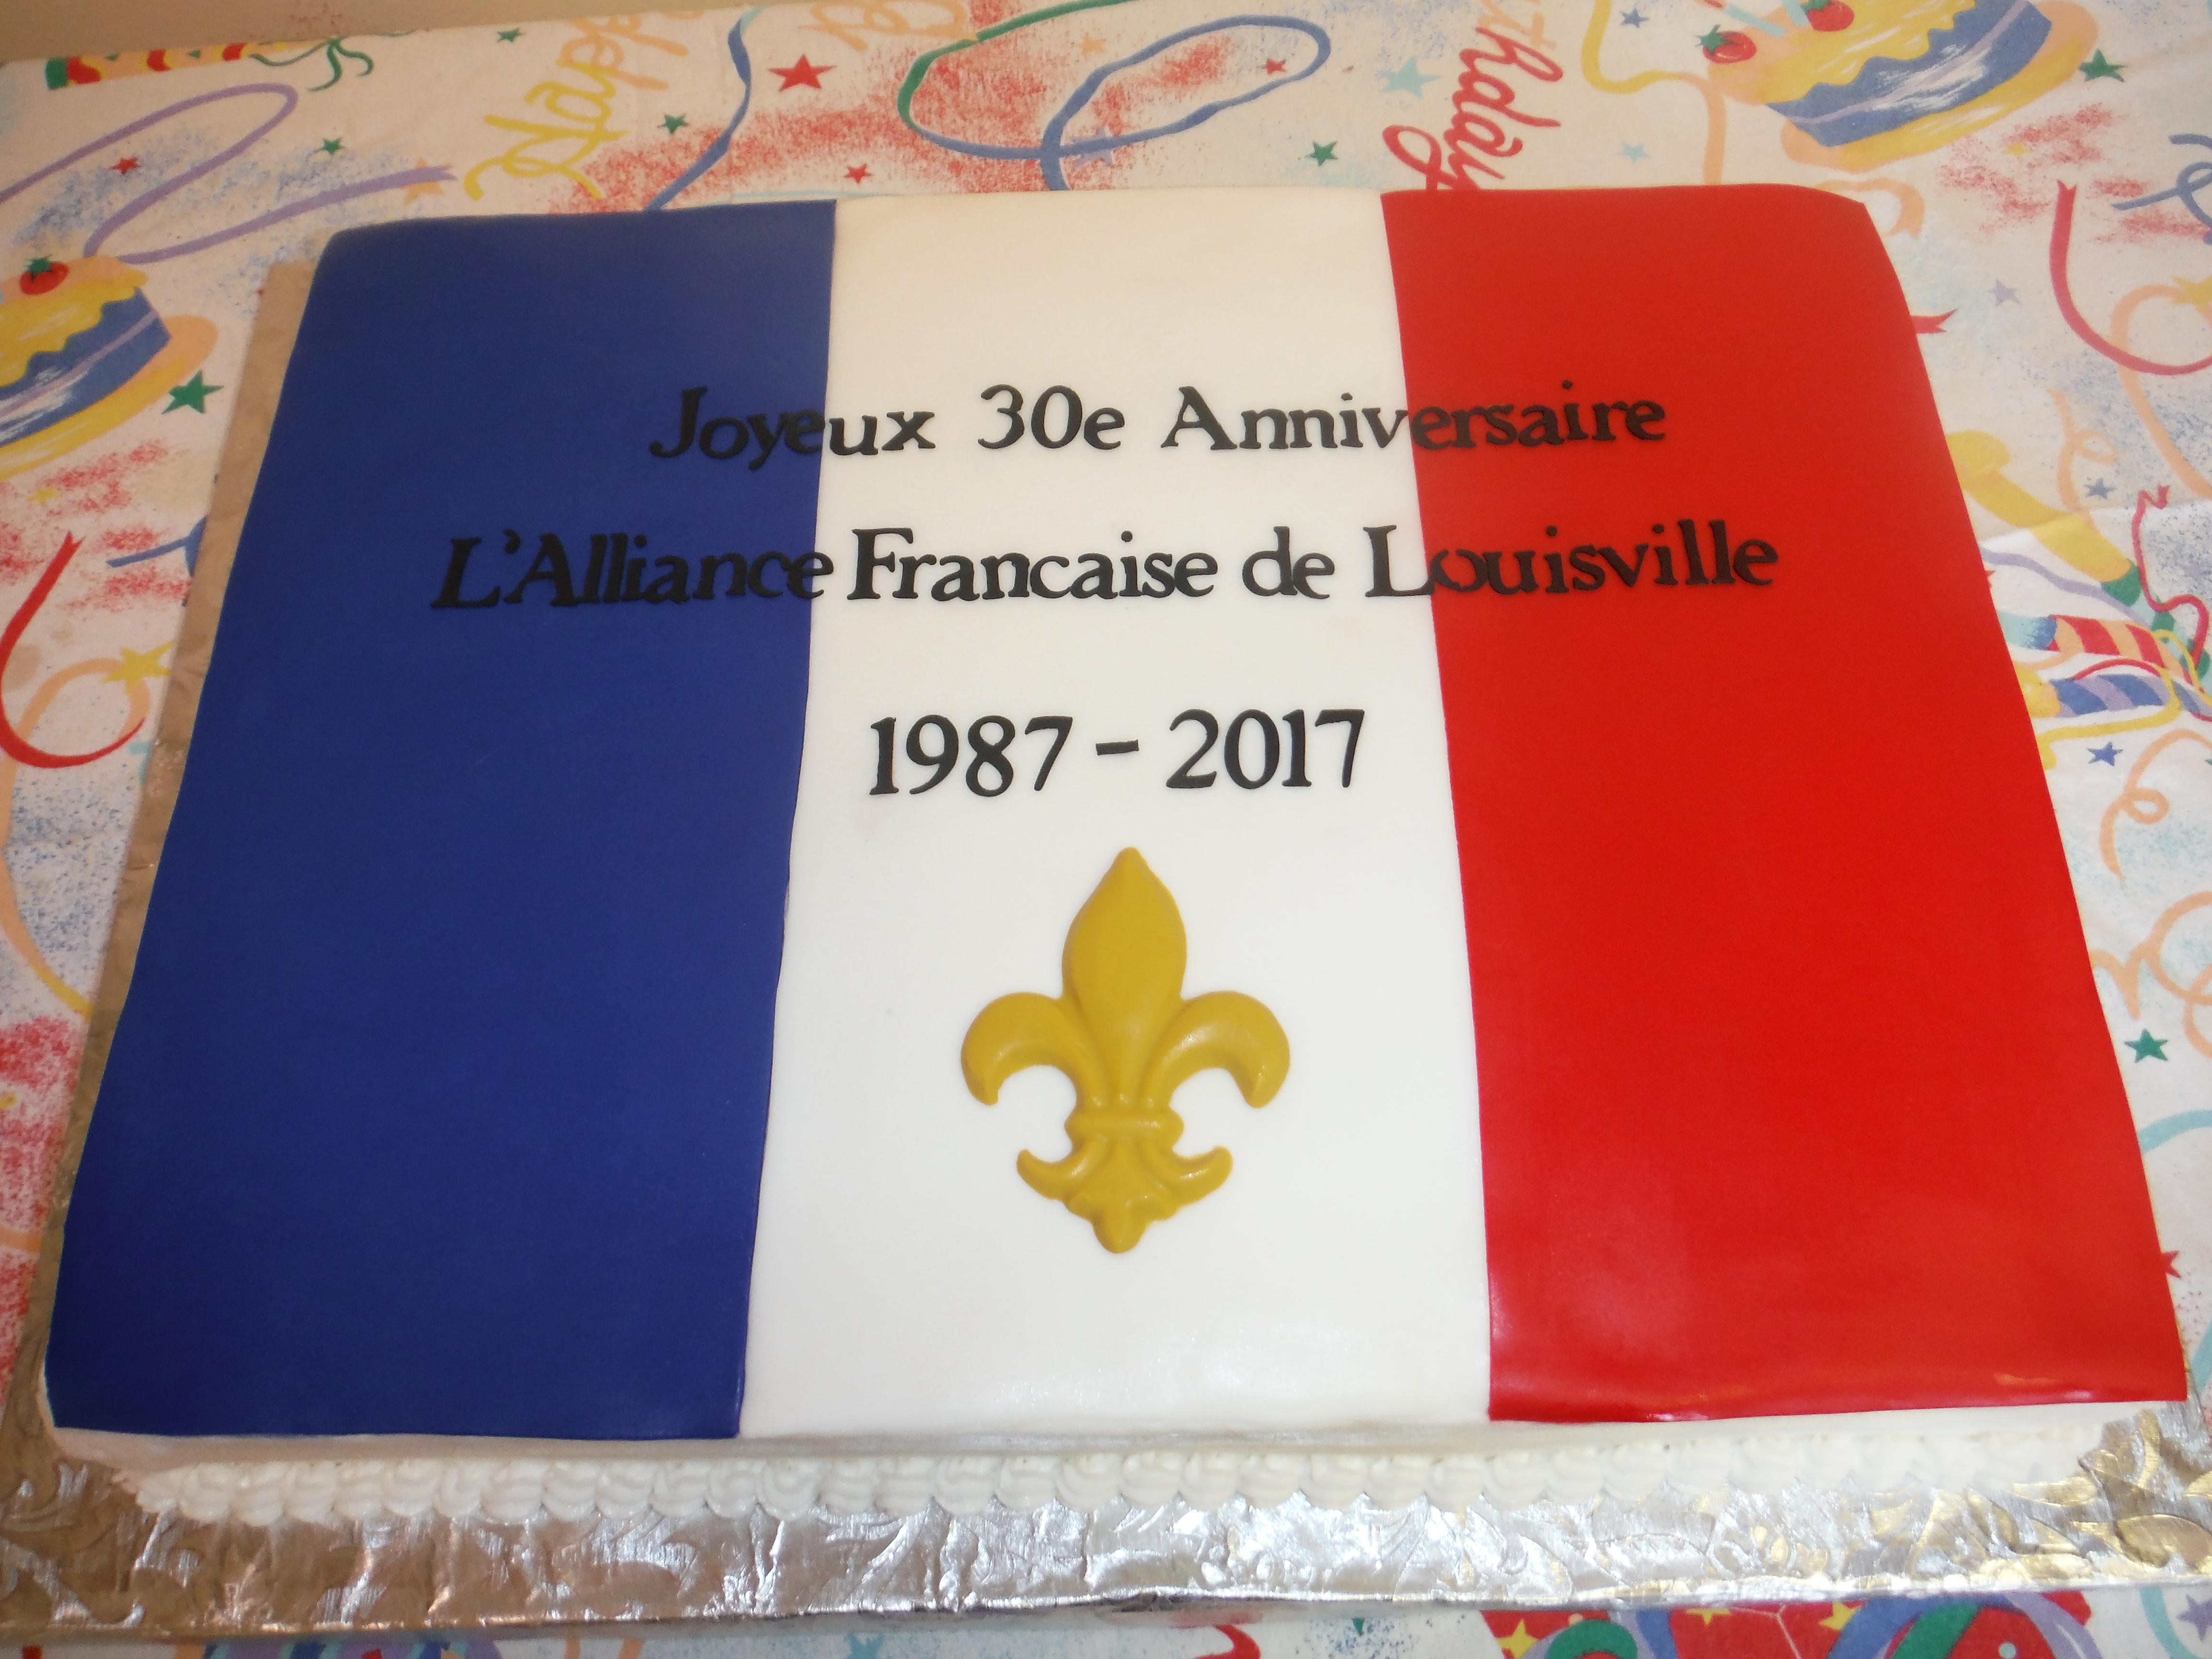 2017 30th Anniversary Cake